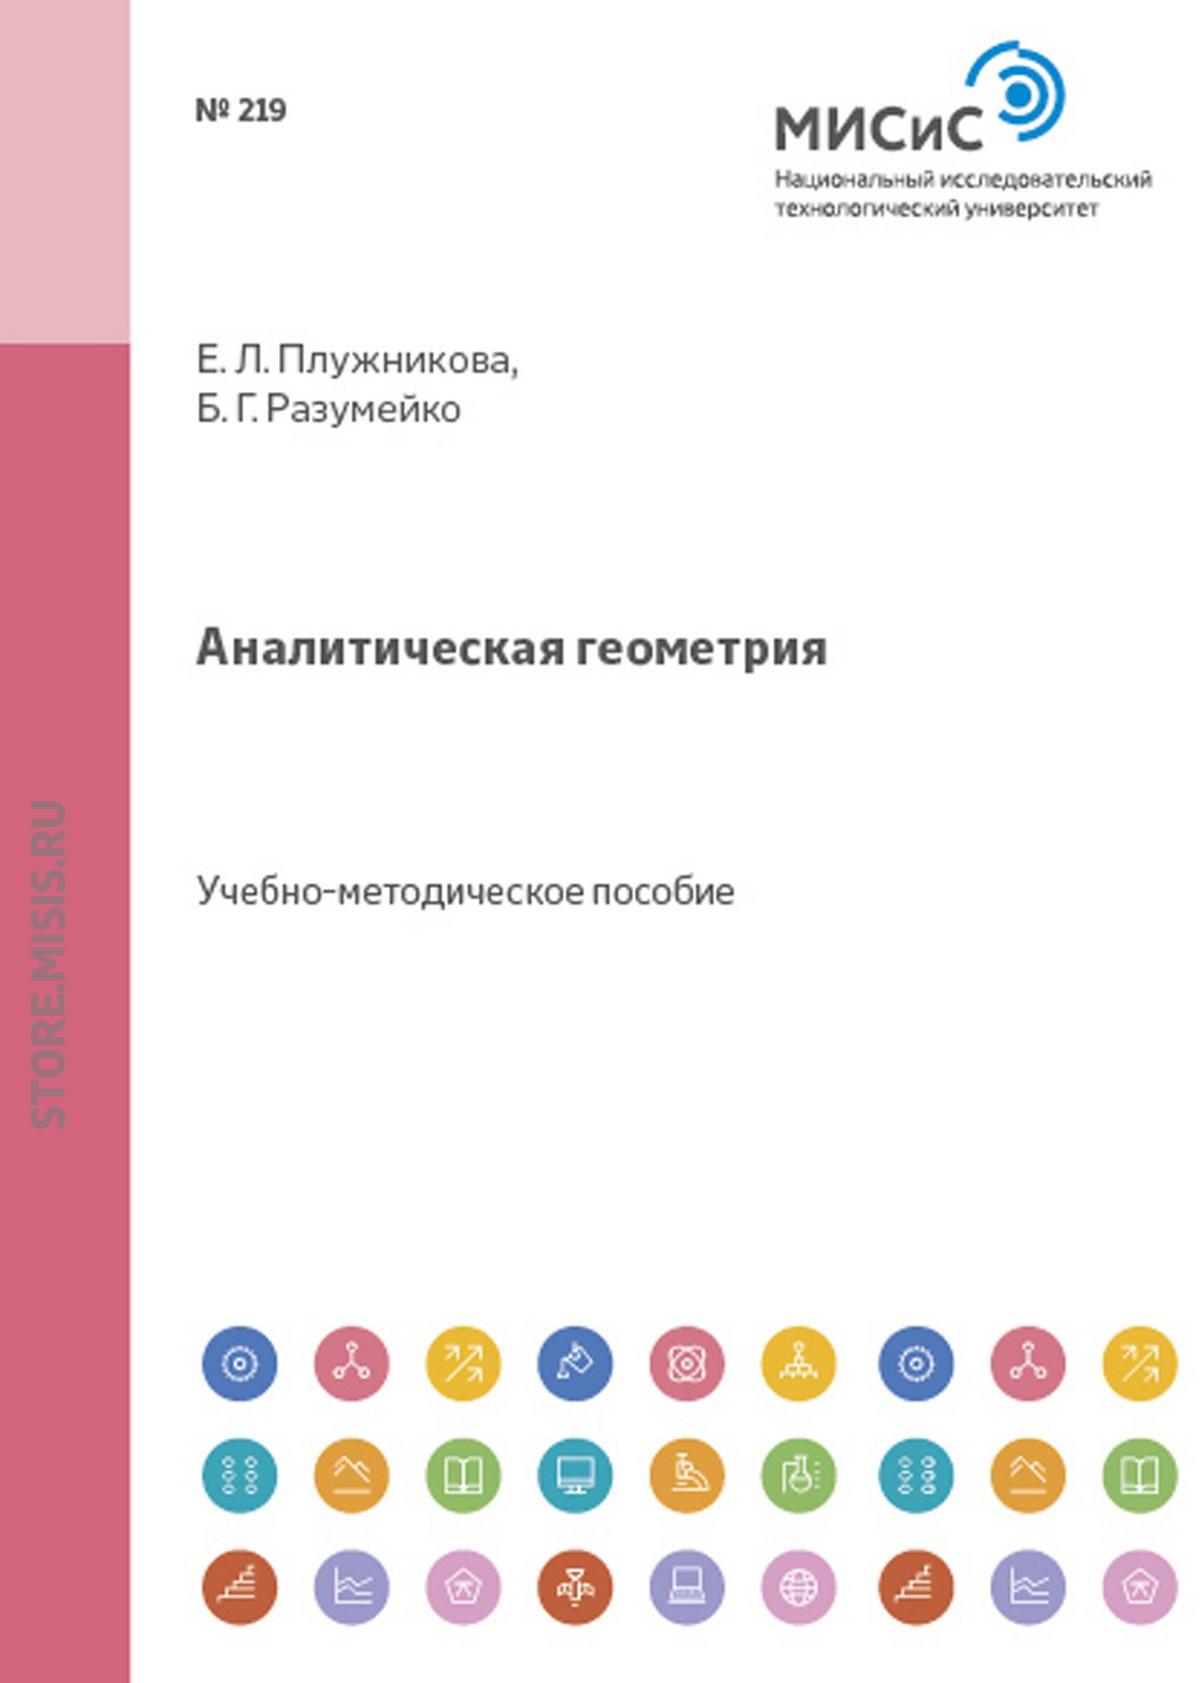 Е. Л. Плужникова Аналитическая геометрия л в илясов биомедицинская аналитическая техника